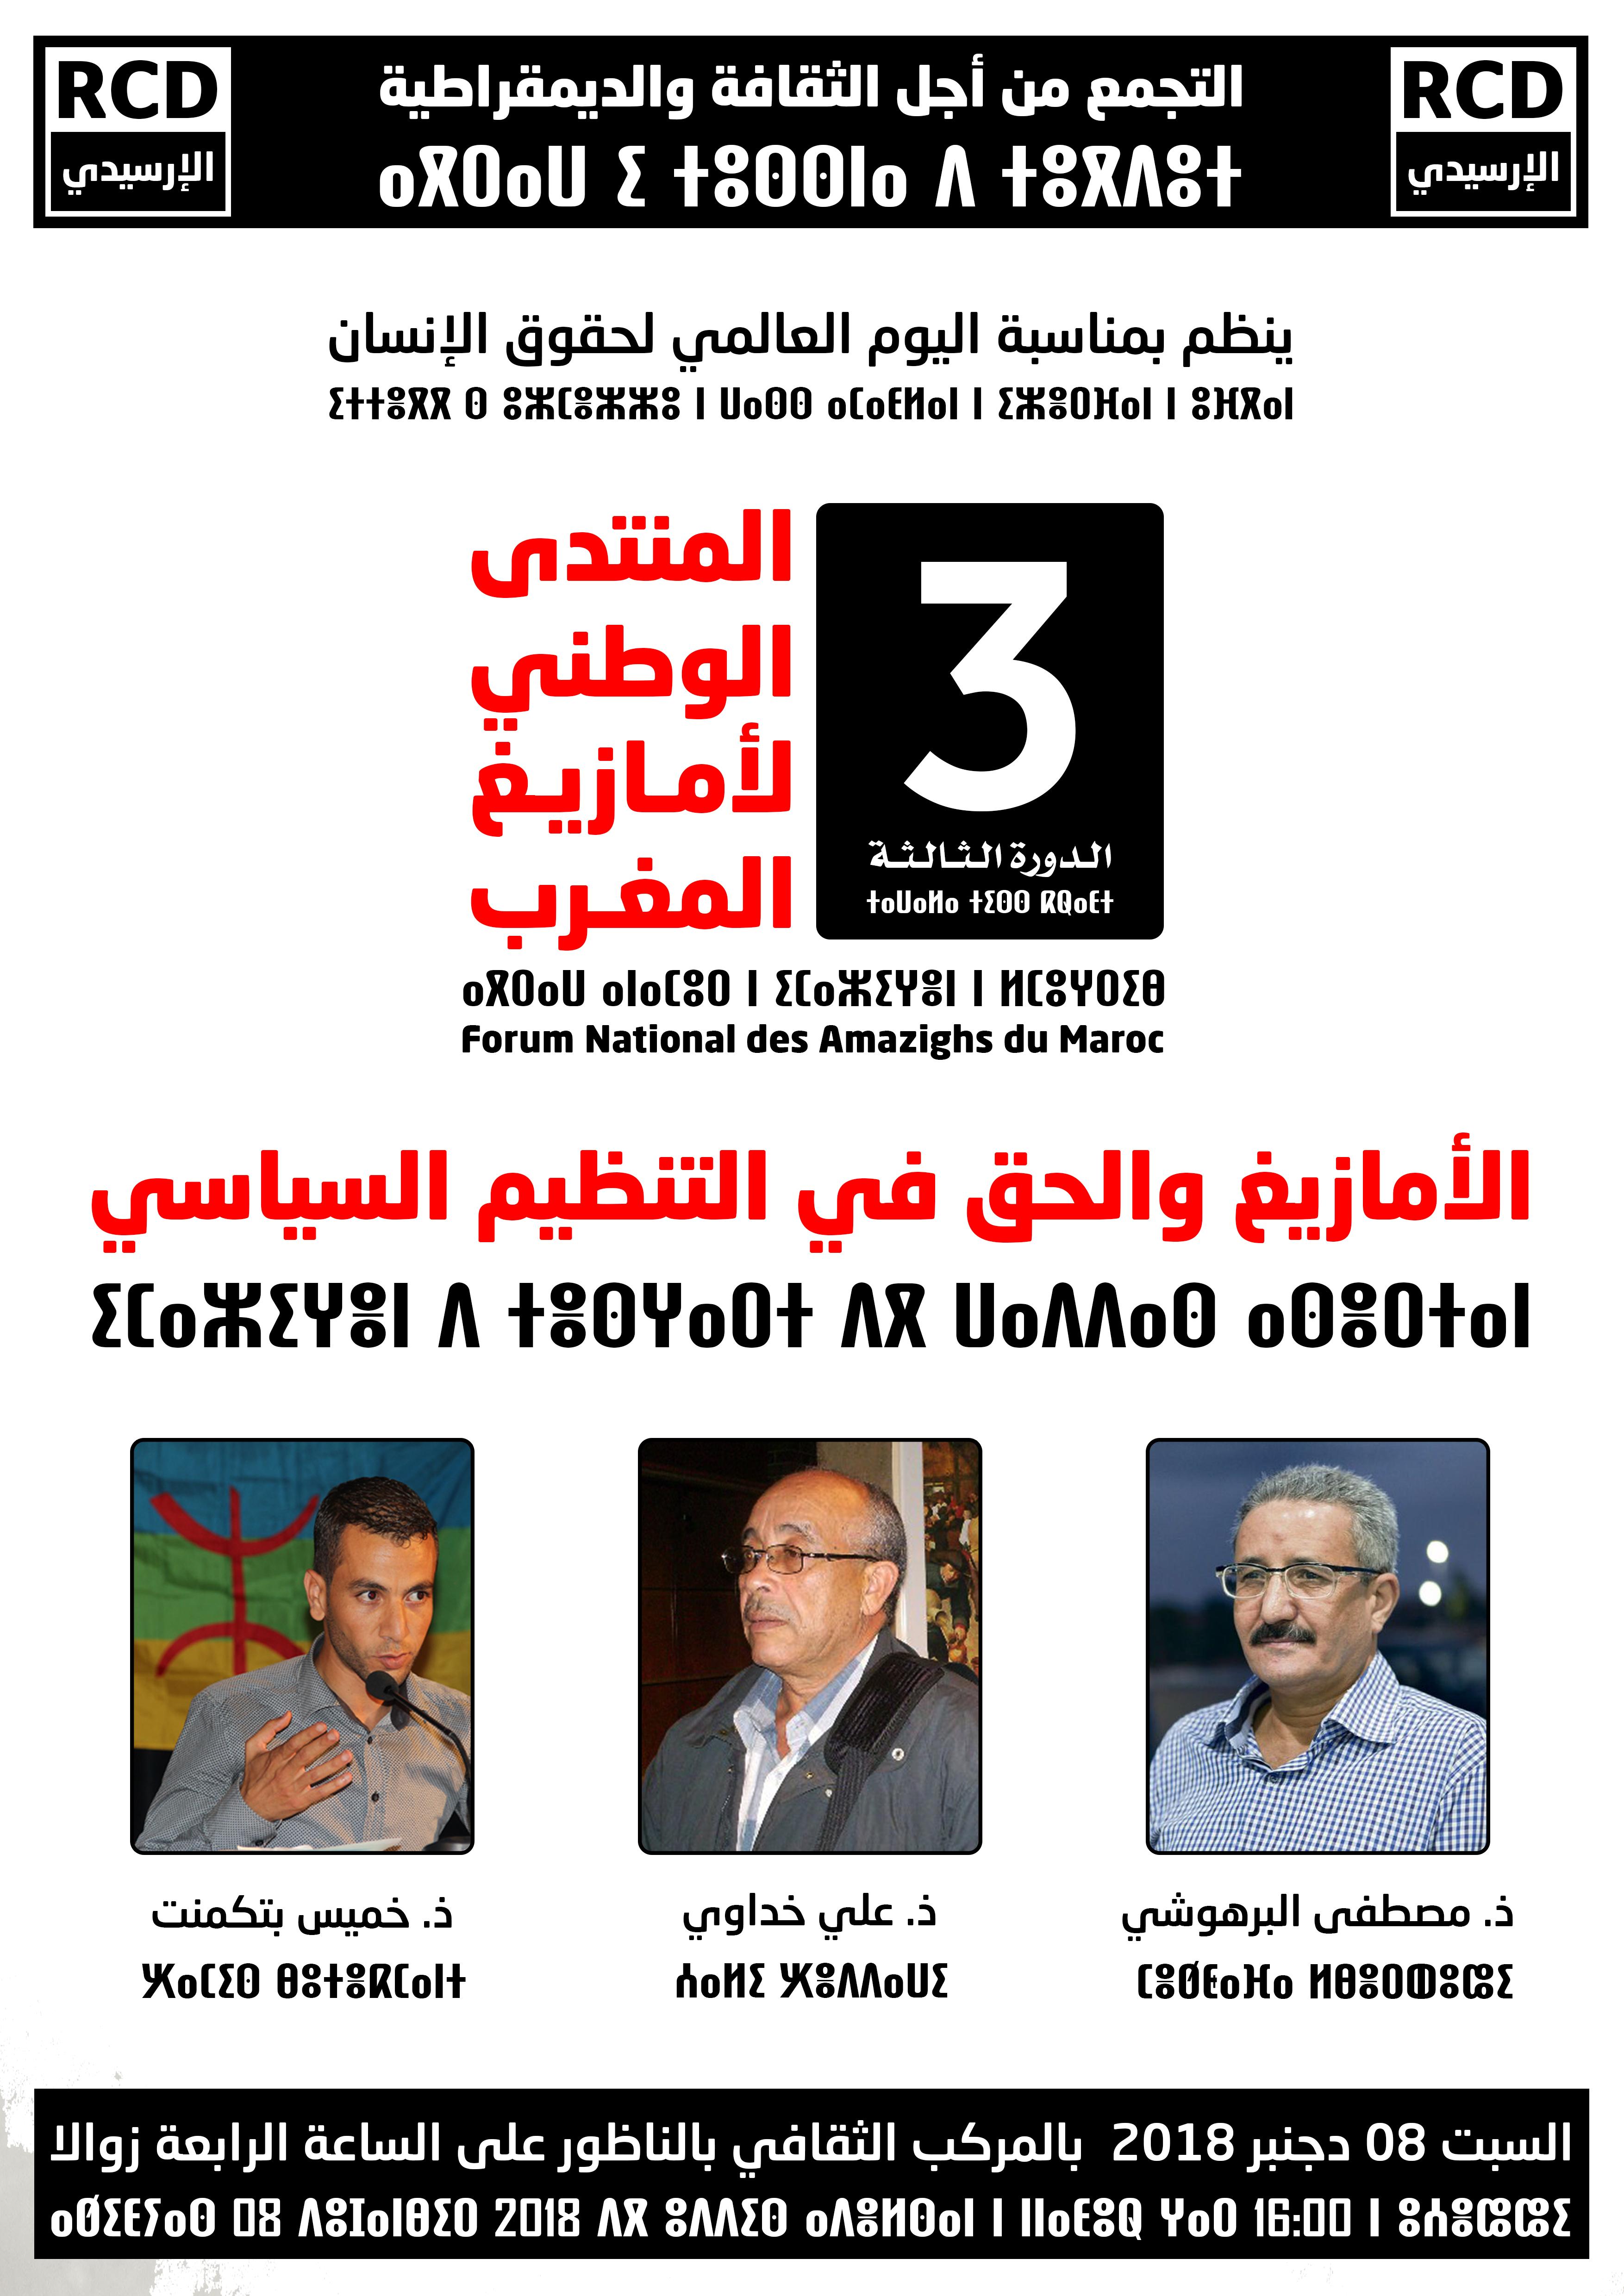 """الناظور…""""الأمازيغ والحق في التنظيم السياسي"""" شعار الدورة الثالثة للمنتدى الوطني لأمازيغ المغرب"""